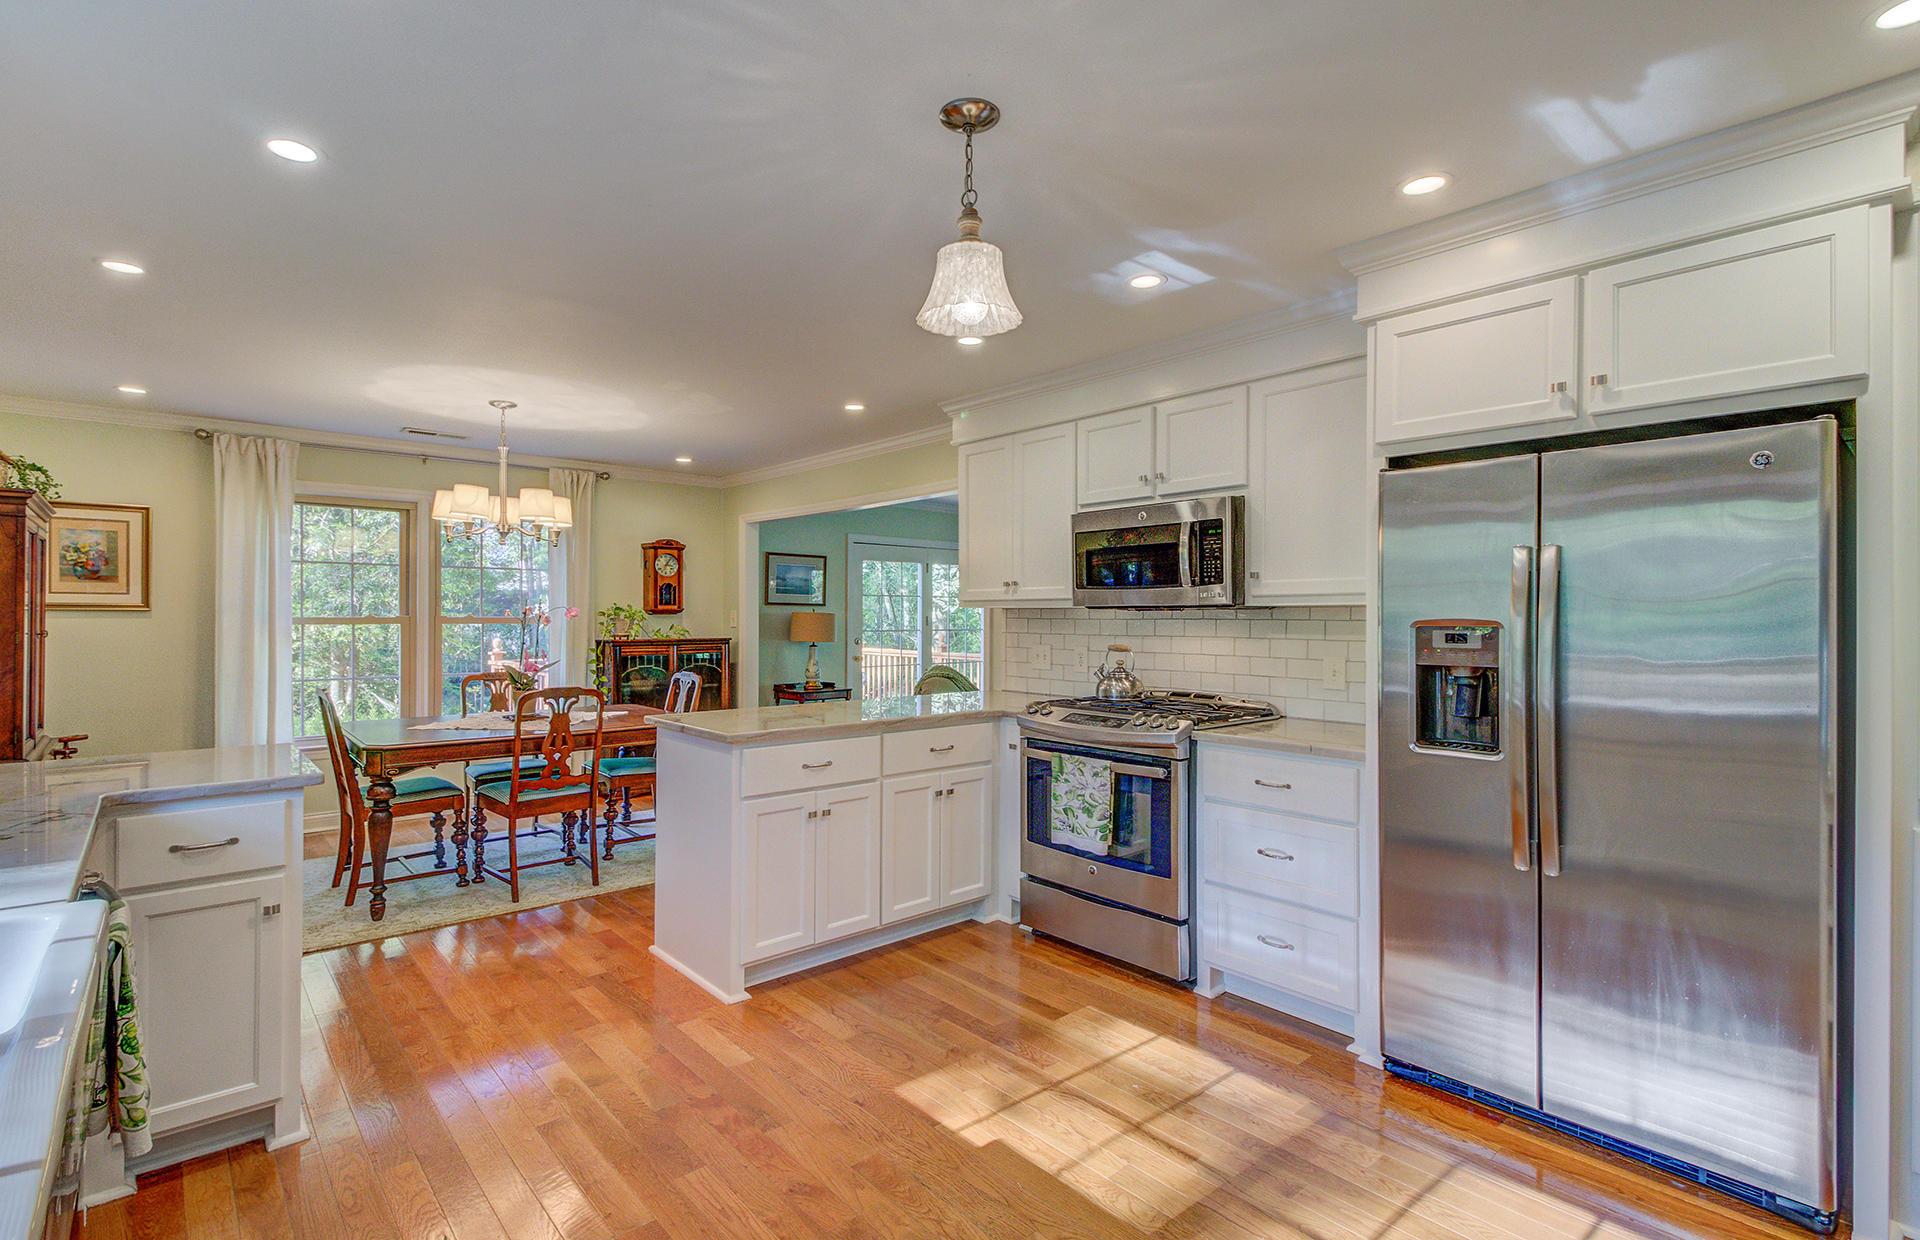 Pine Forest Inn Homes For Sale - 543 Simmons, Summerville, SC - 48